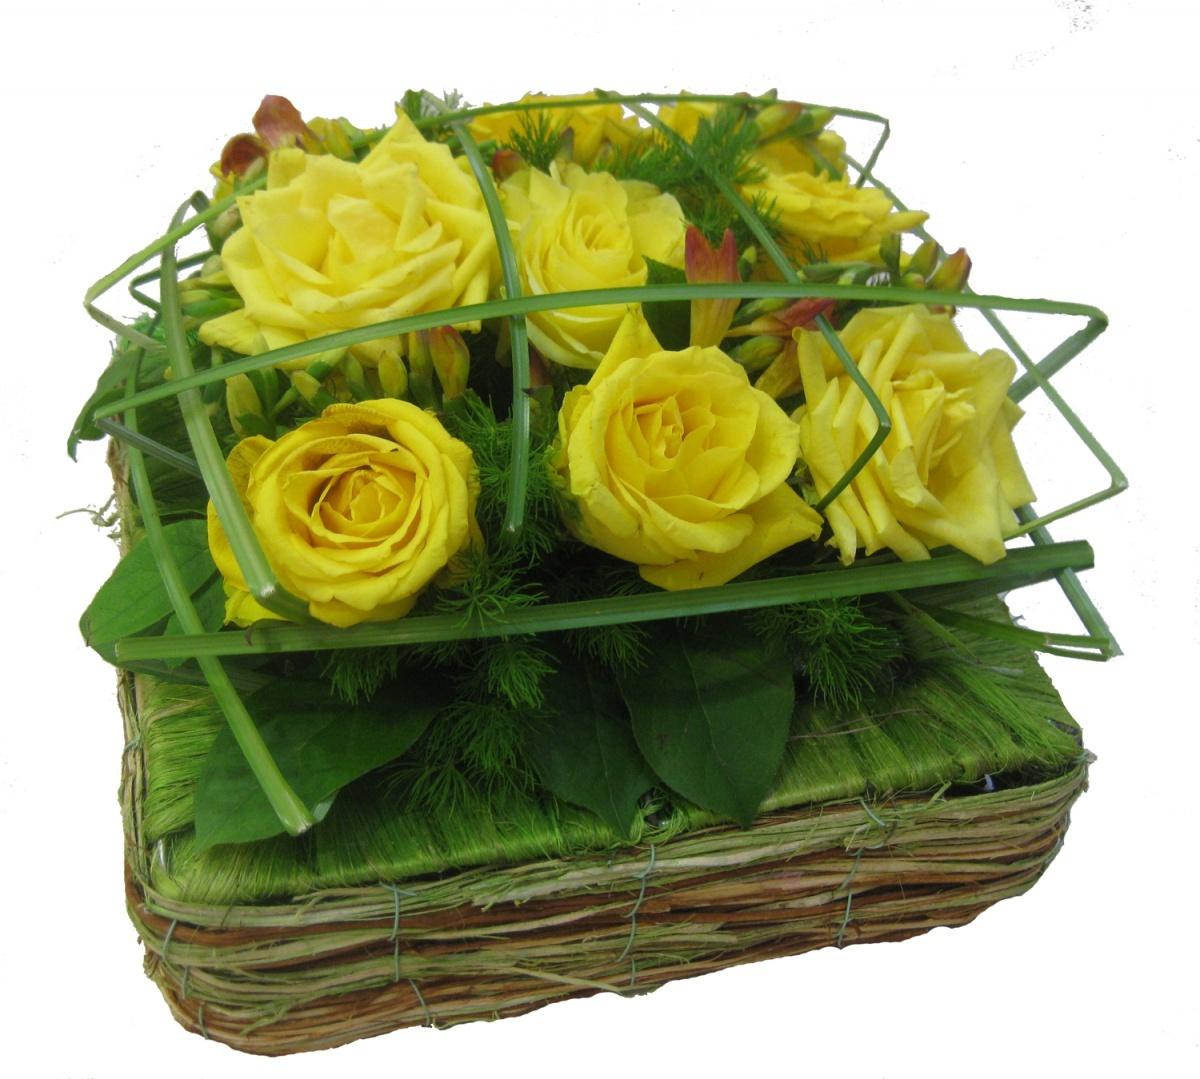 Традиционно мужчинам предпочитают дарить крупные цветы: розы, хризантемы, каллы, ирисы, гвоздики.